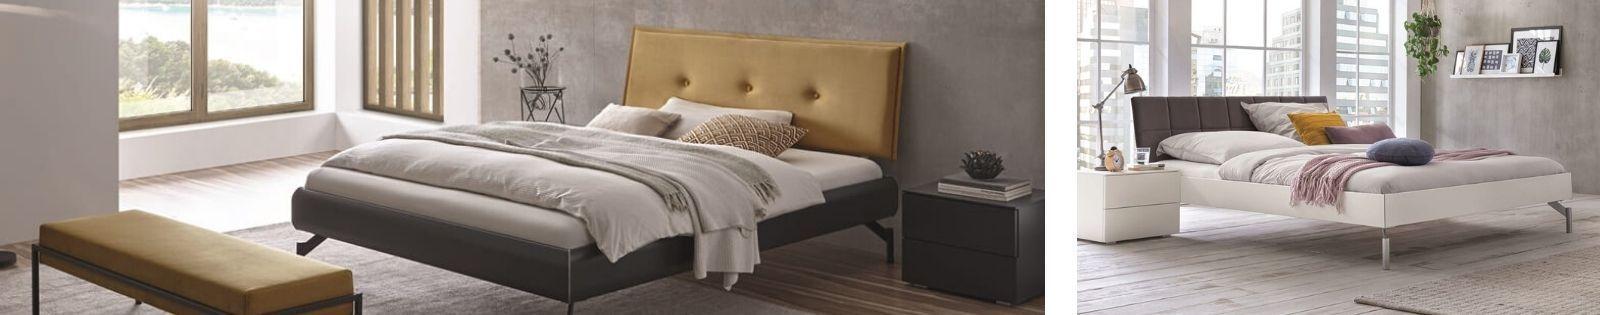 Lits design / contemporains : meubles de qualité. Le Monde du Lit